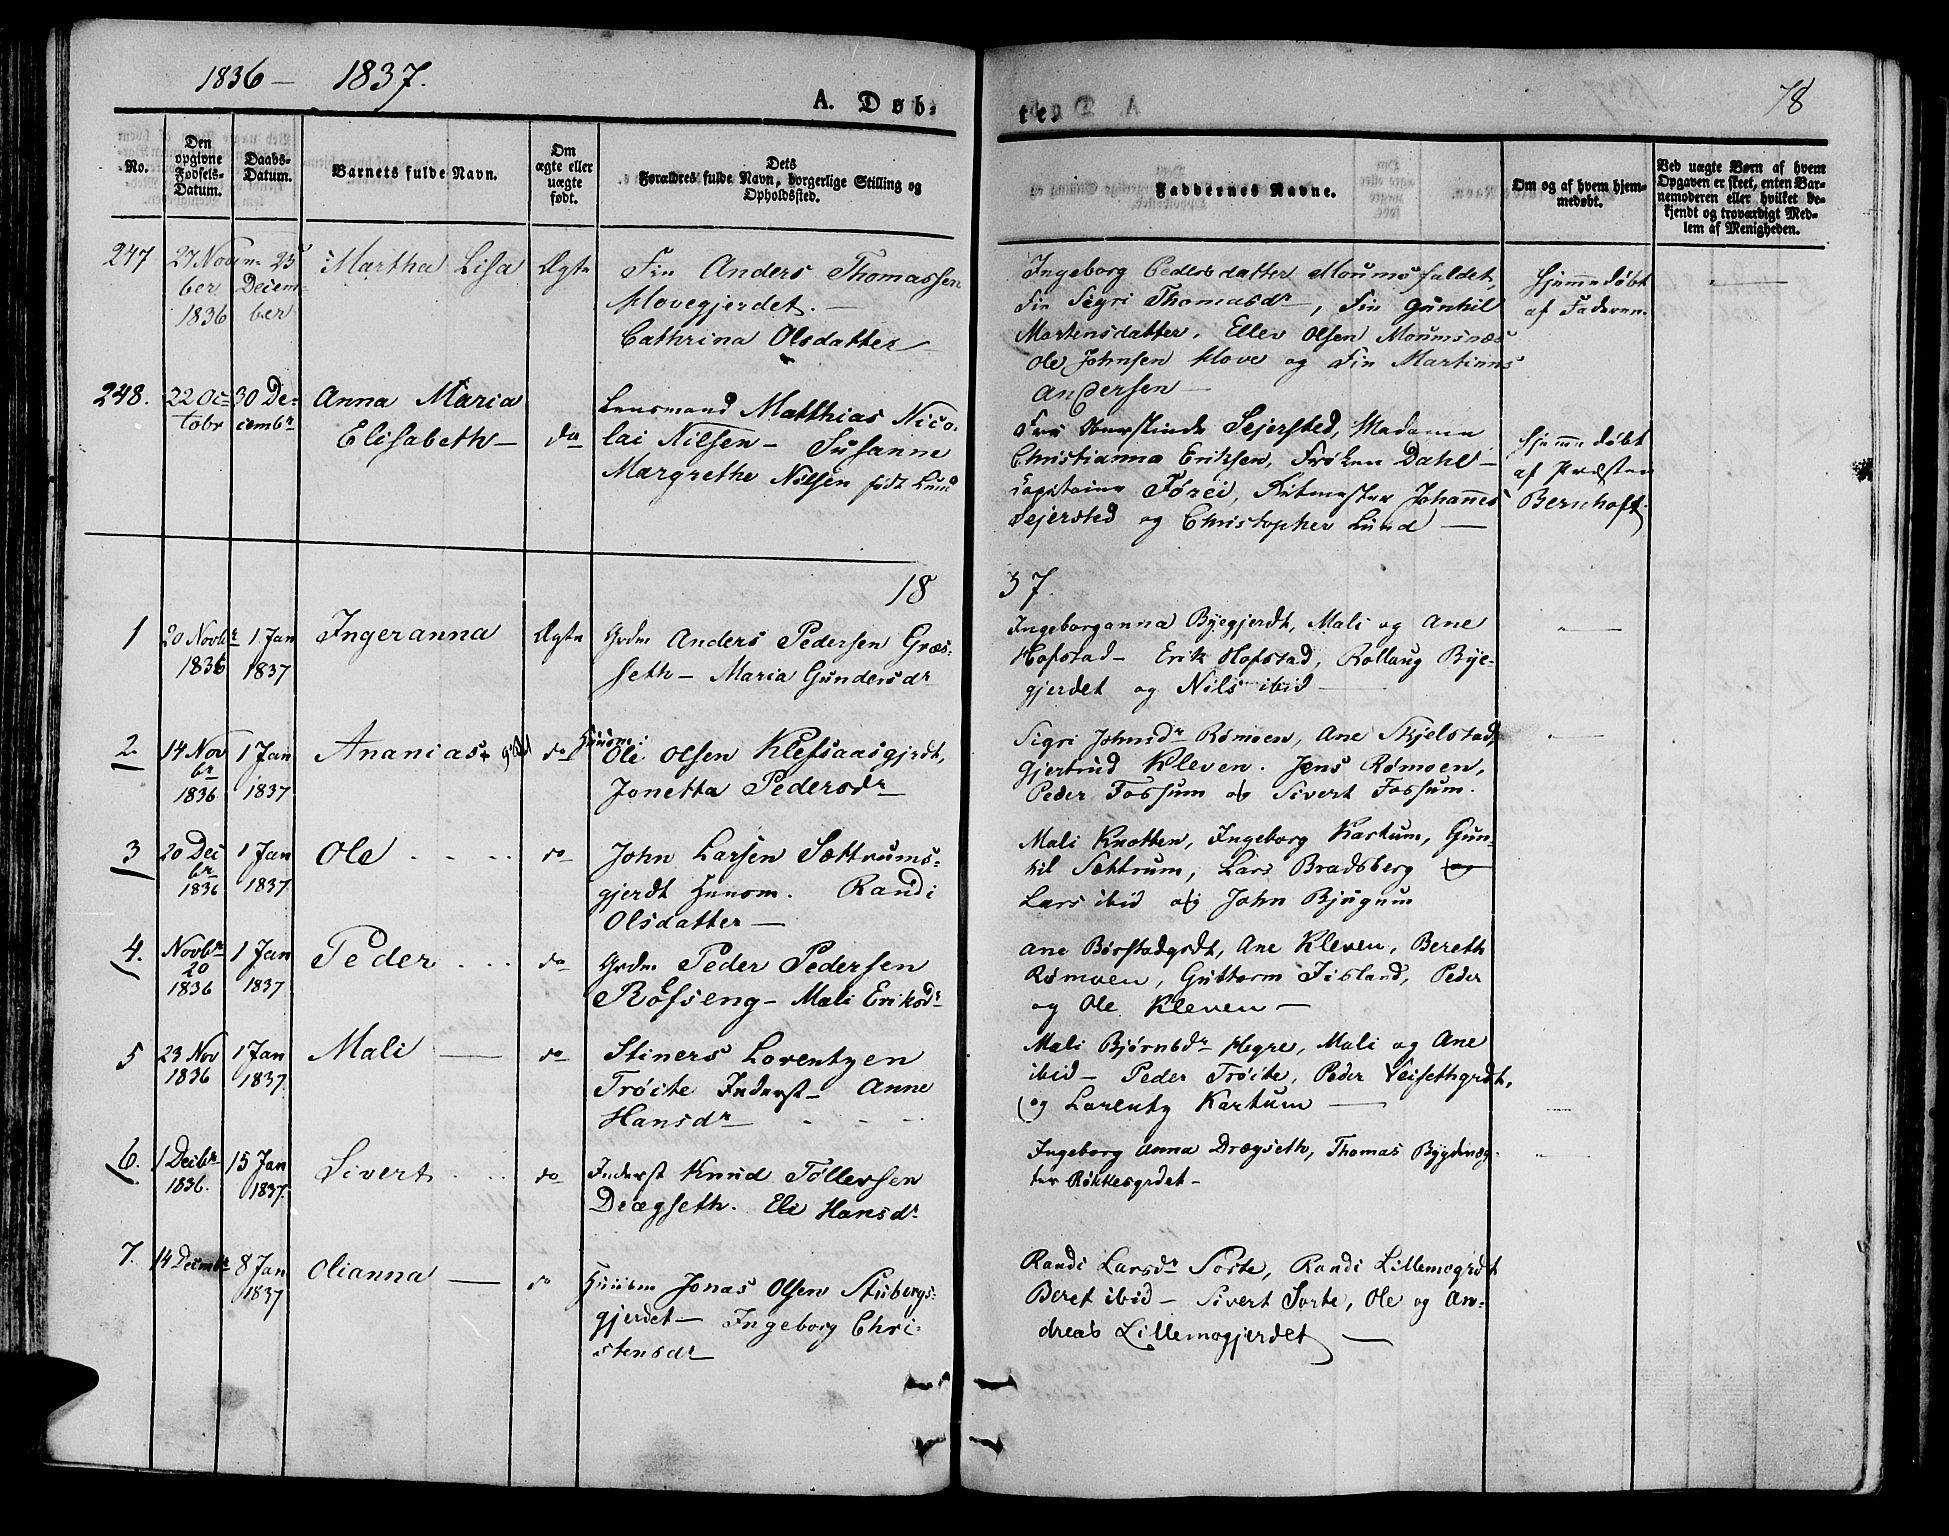 SAT, Ministerialprotokoller, klokkerbøker og fødselsregistre - Nord-Trøndelag, 709/L0071: Ministerialbok nr. 709A11, 1833-1844, s. 78